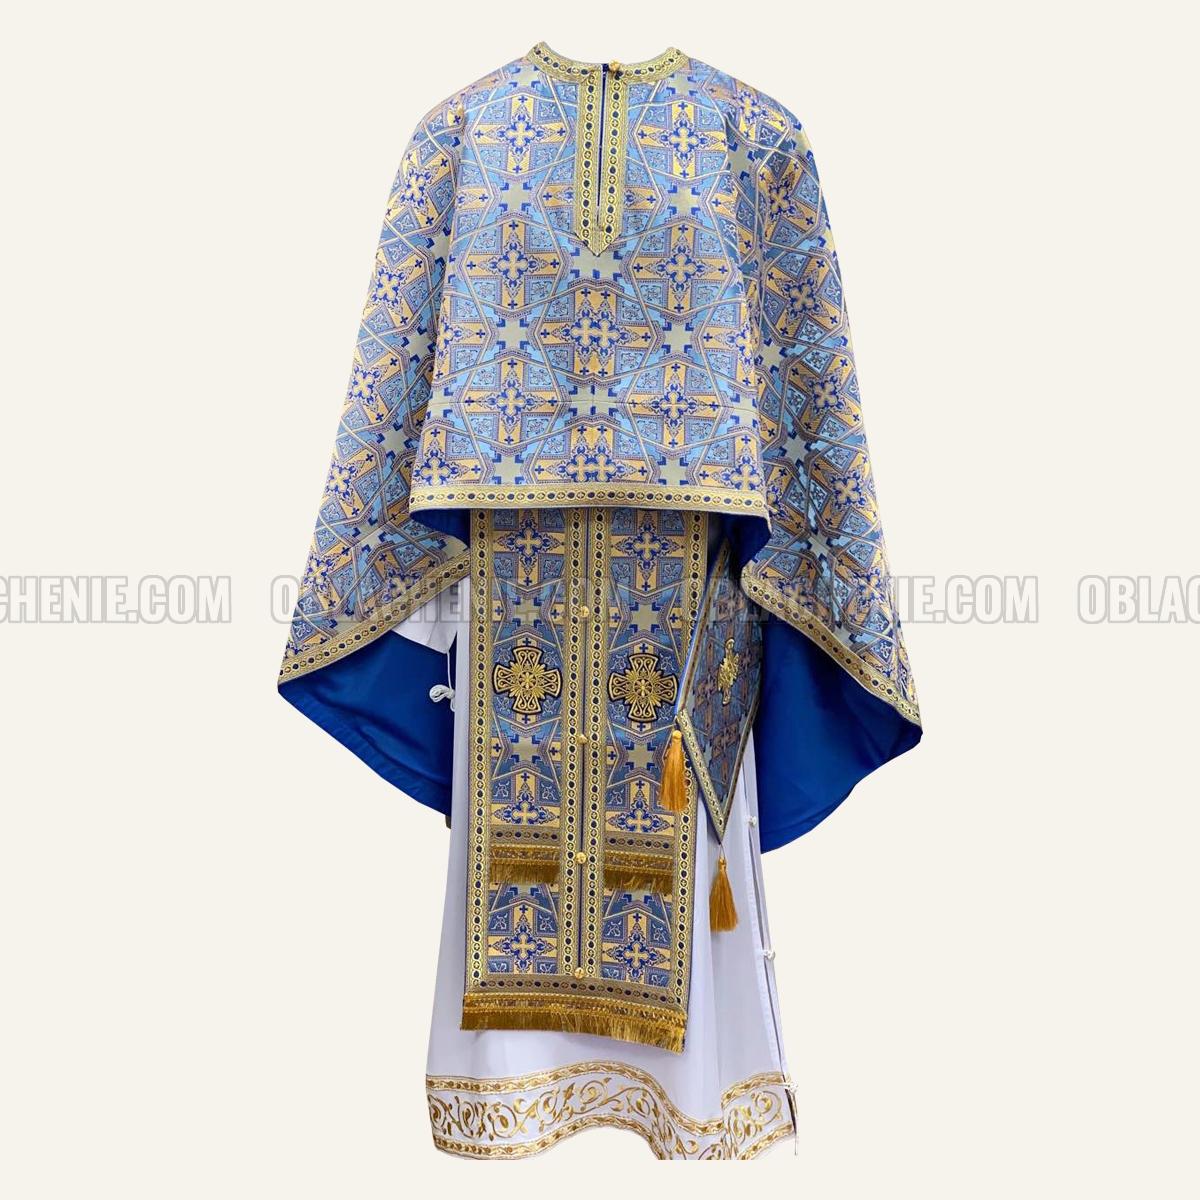 Priest's vestments 10141